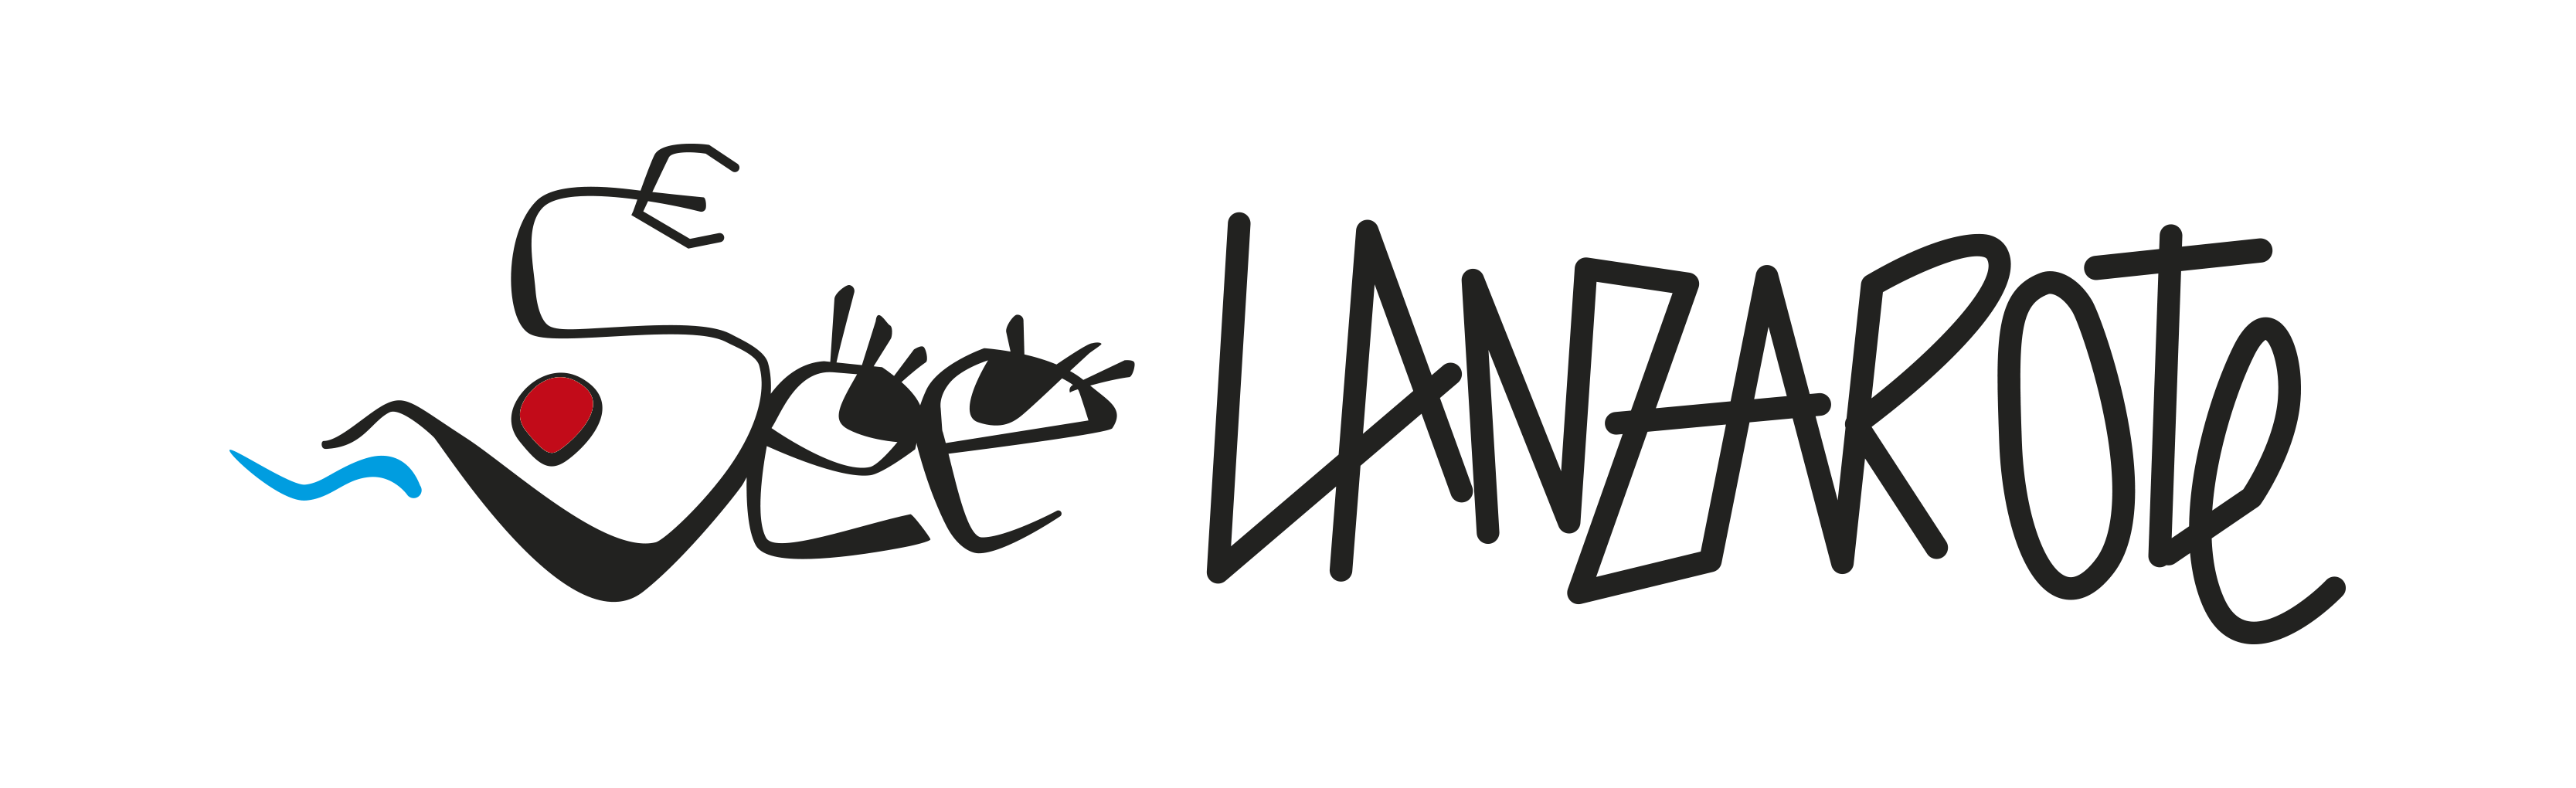 See Lanzarote